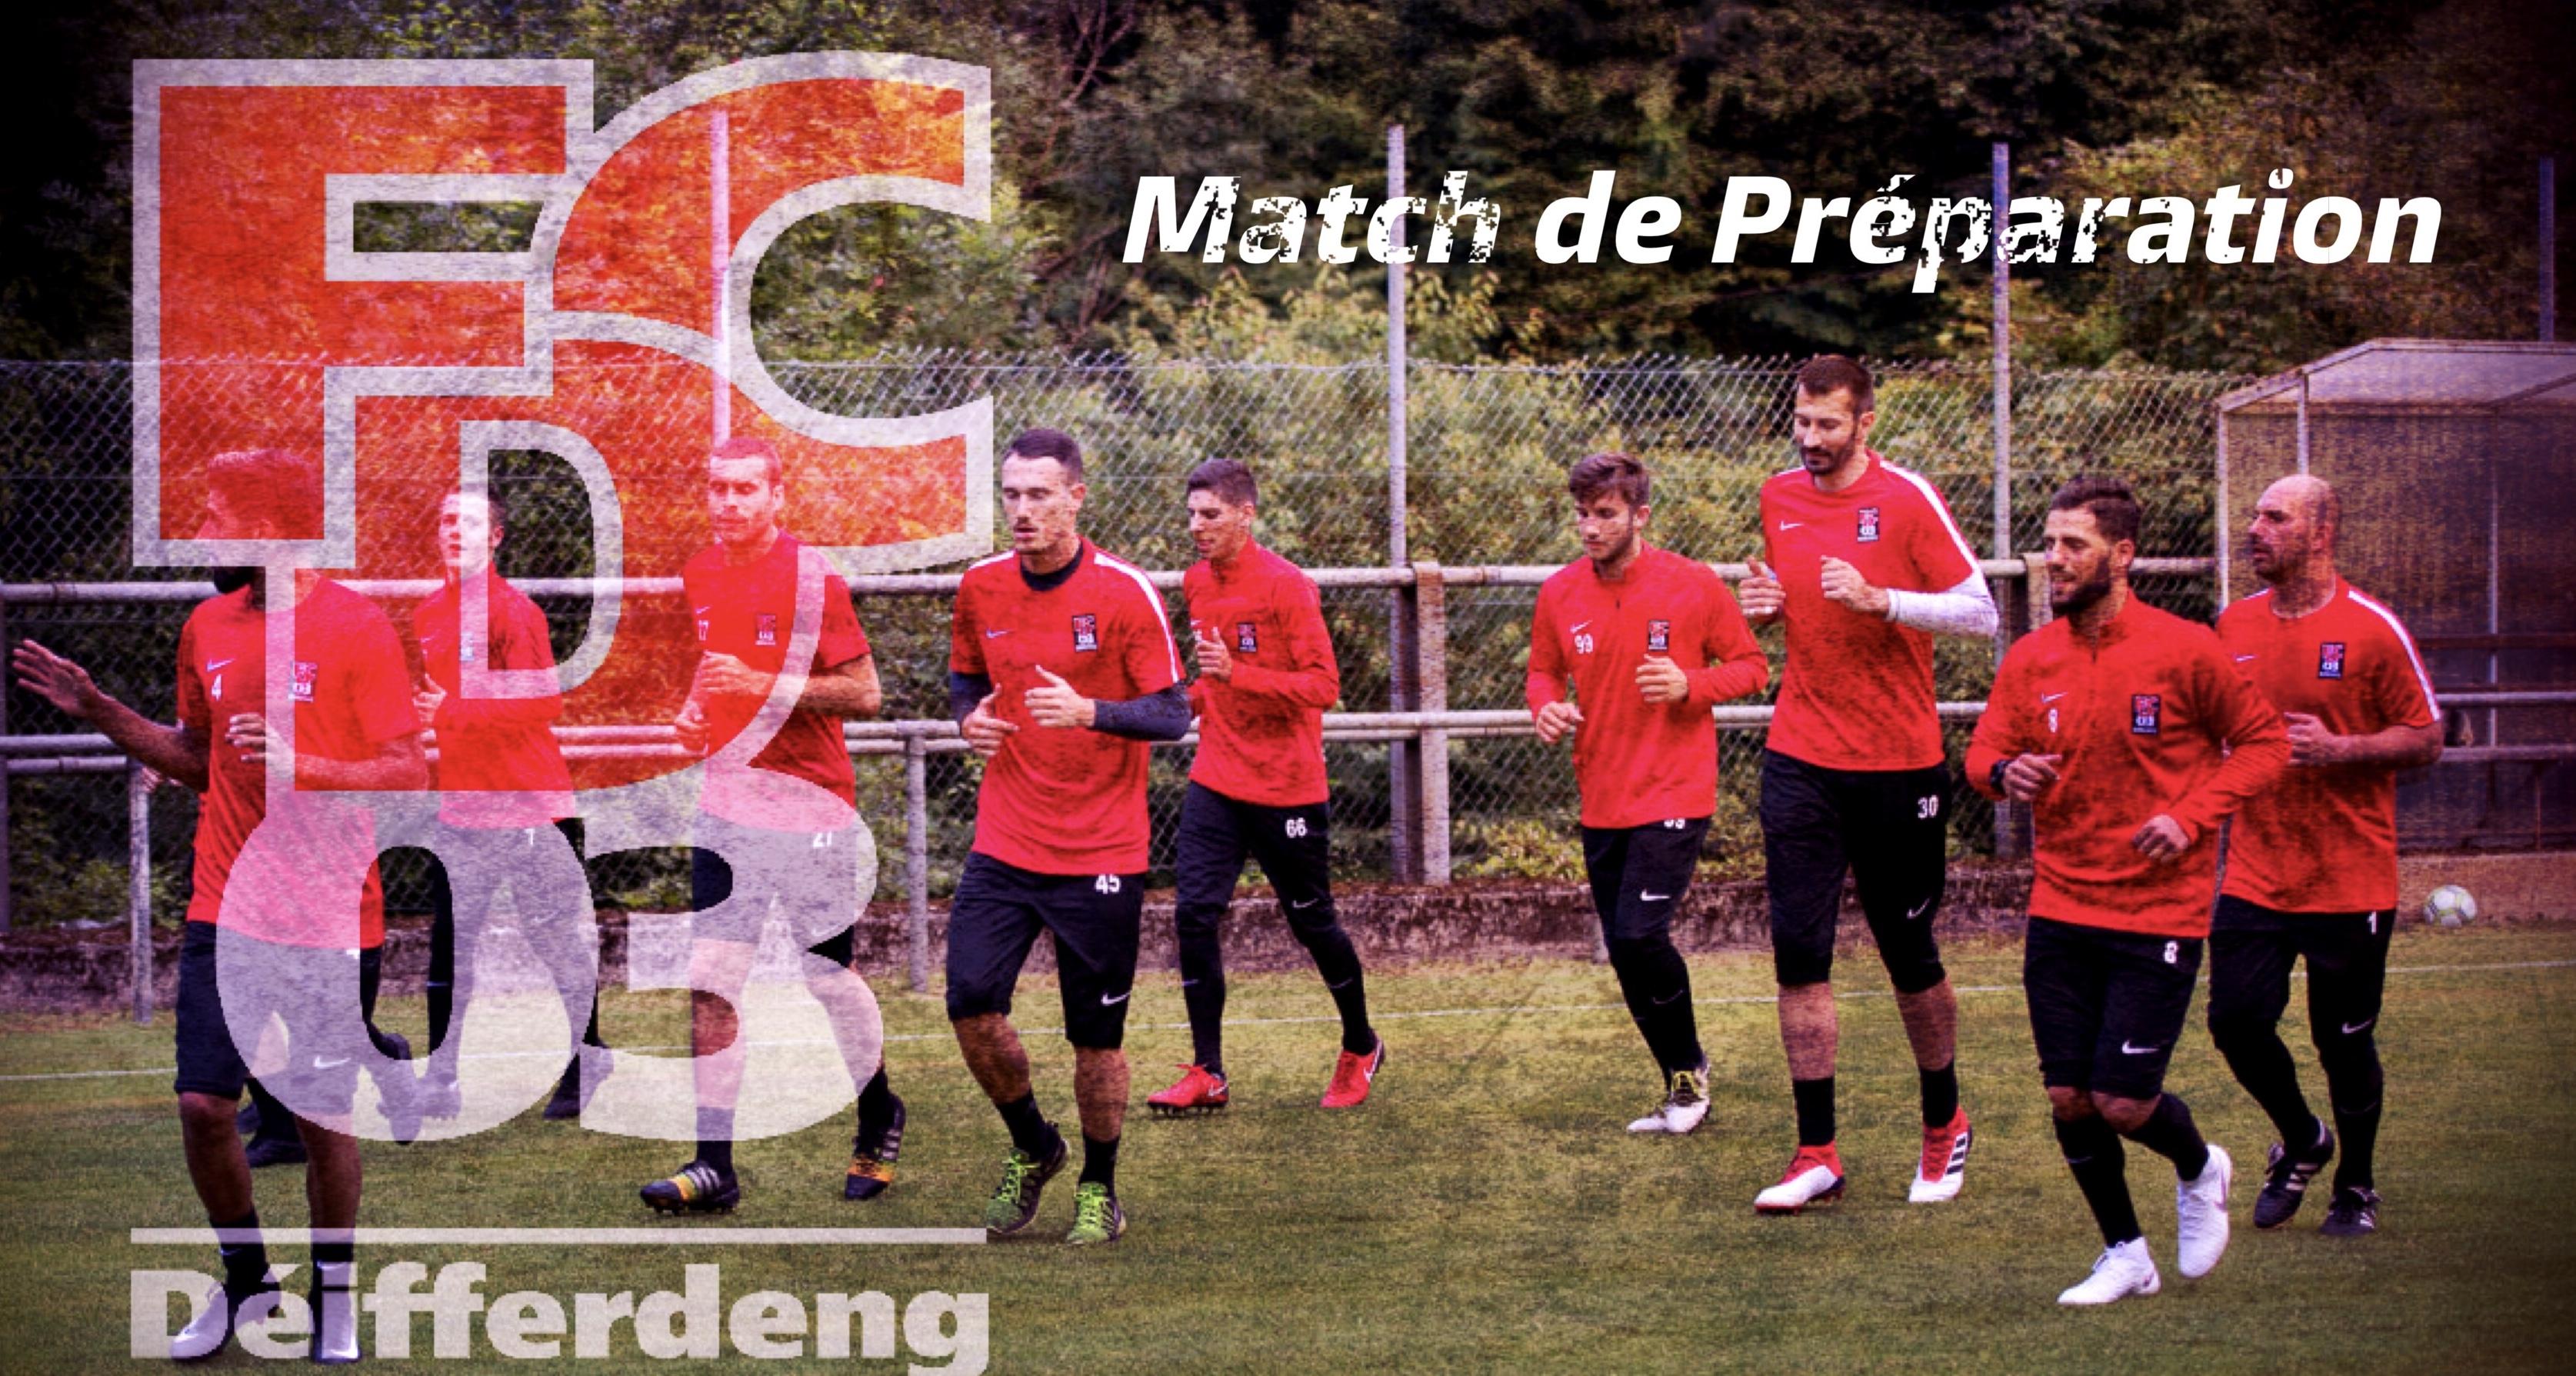 Match de préparation